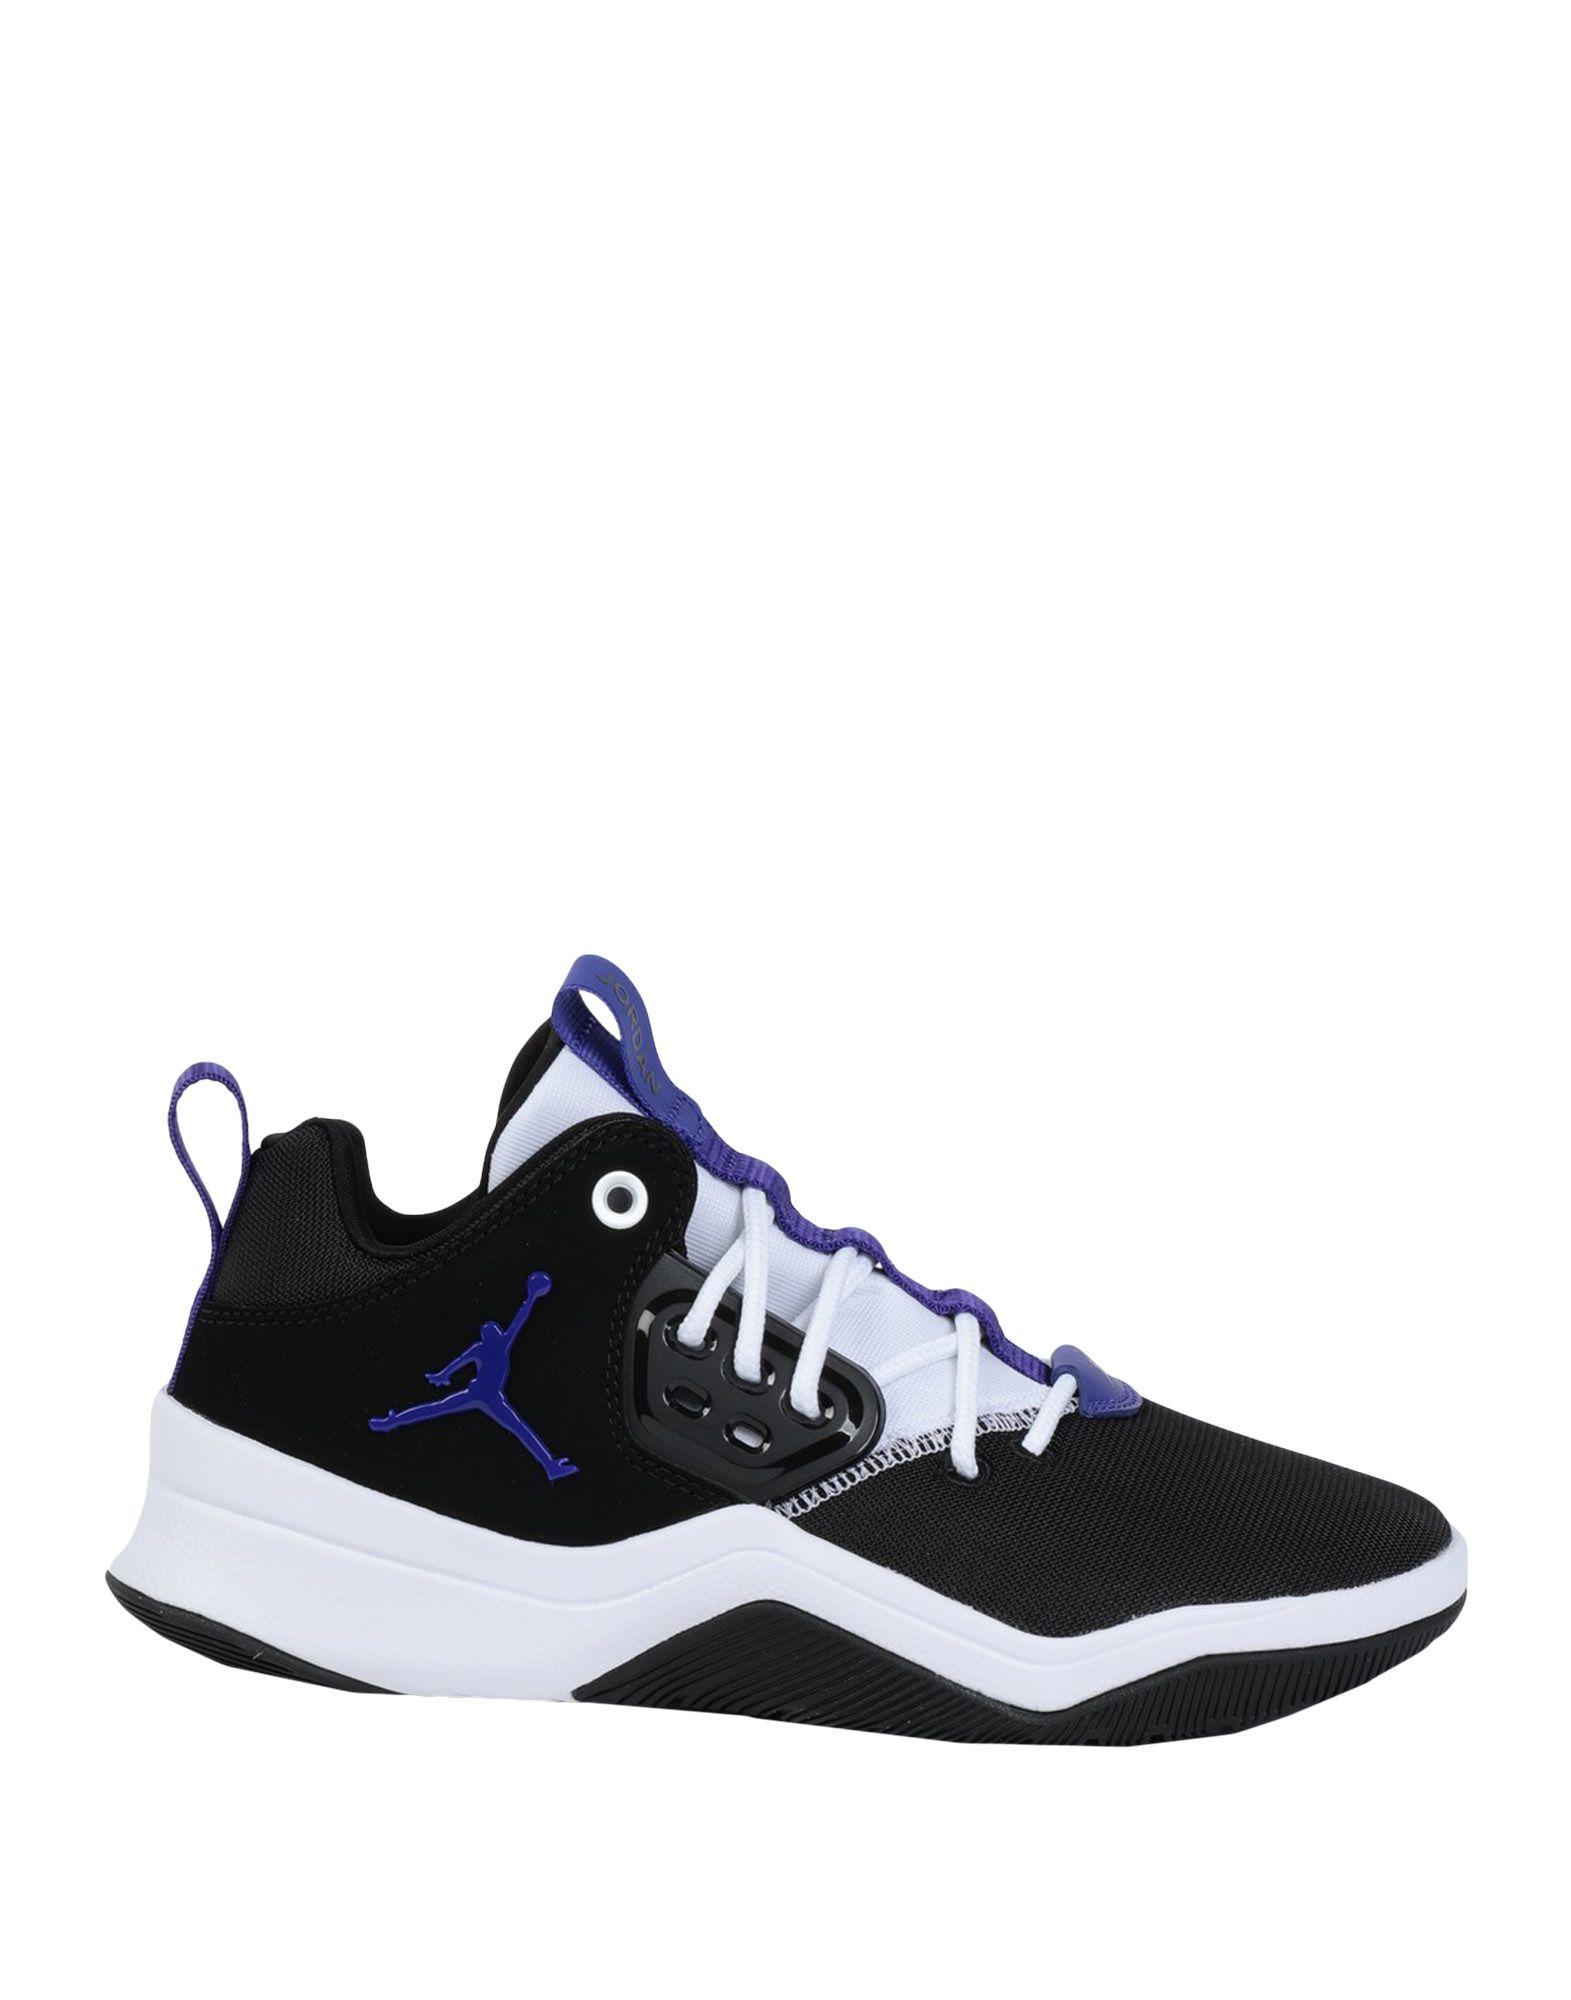 JORDAN Низкие кеды и кроссовки баскетбольные кроссовки nike air jordan air jordan retro gs black infrared aj6 384665 023